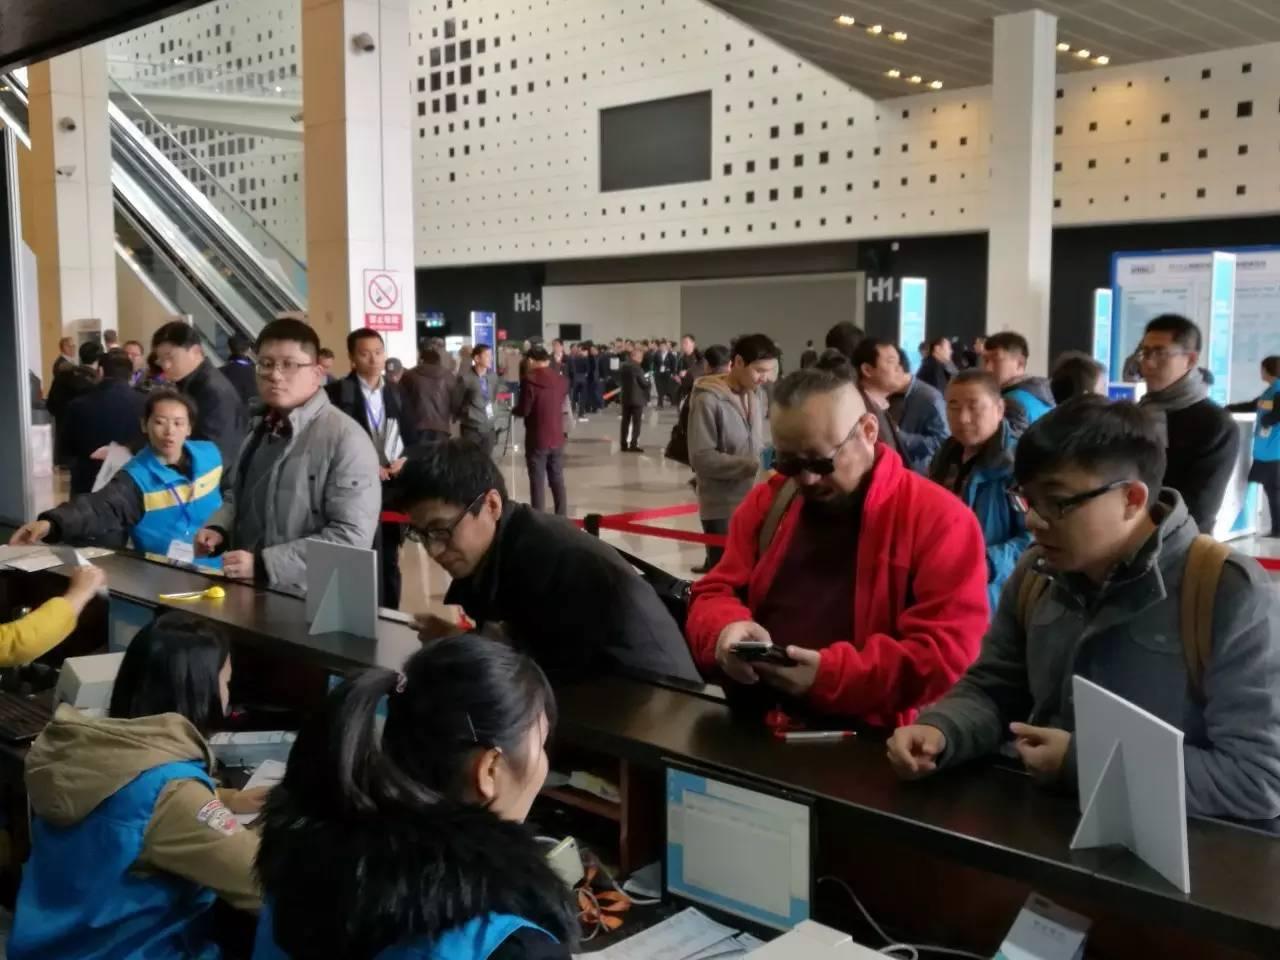 盛大揭幕 2016上海国际商用及公务船舶展览会与11月29日上午盛大揭幕! a983c032d313558db6144c4371e12e1f.jpg